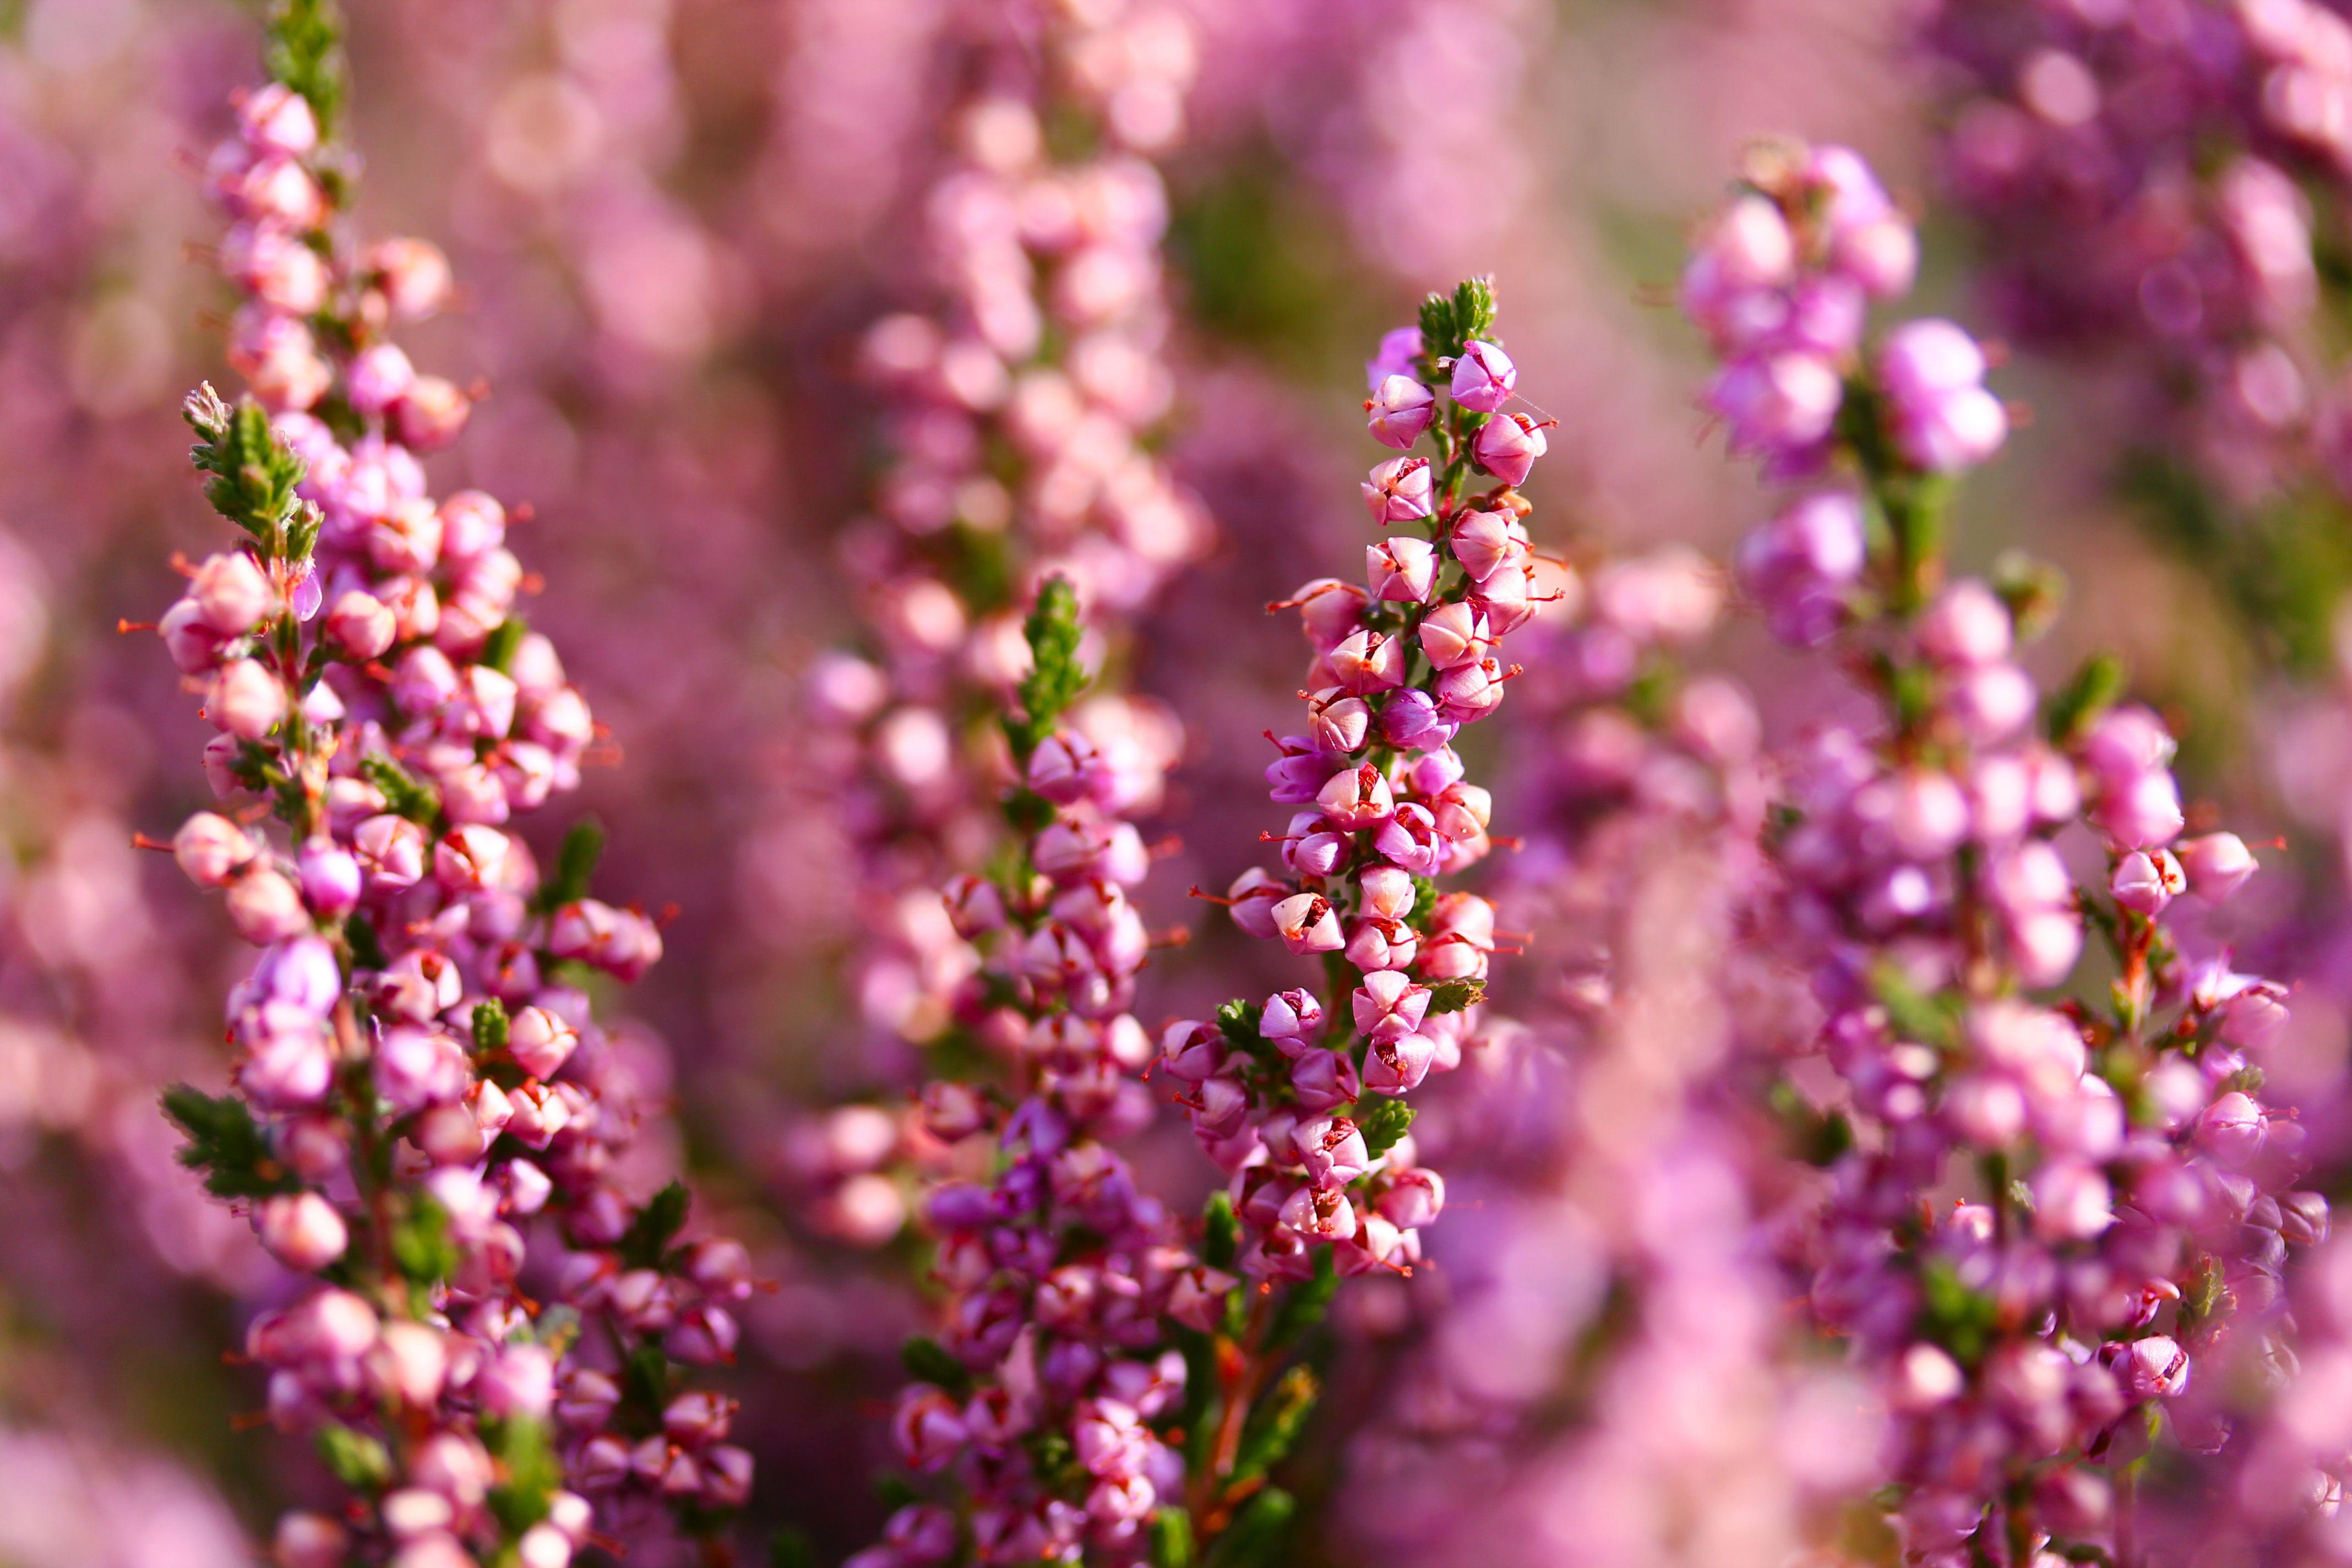 7 Best Winter Flowering Plants For Your Garden